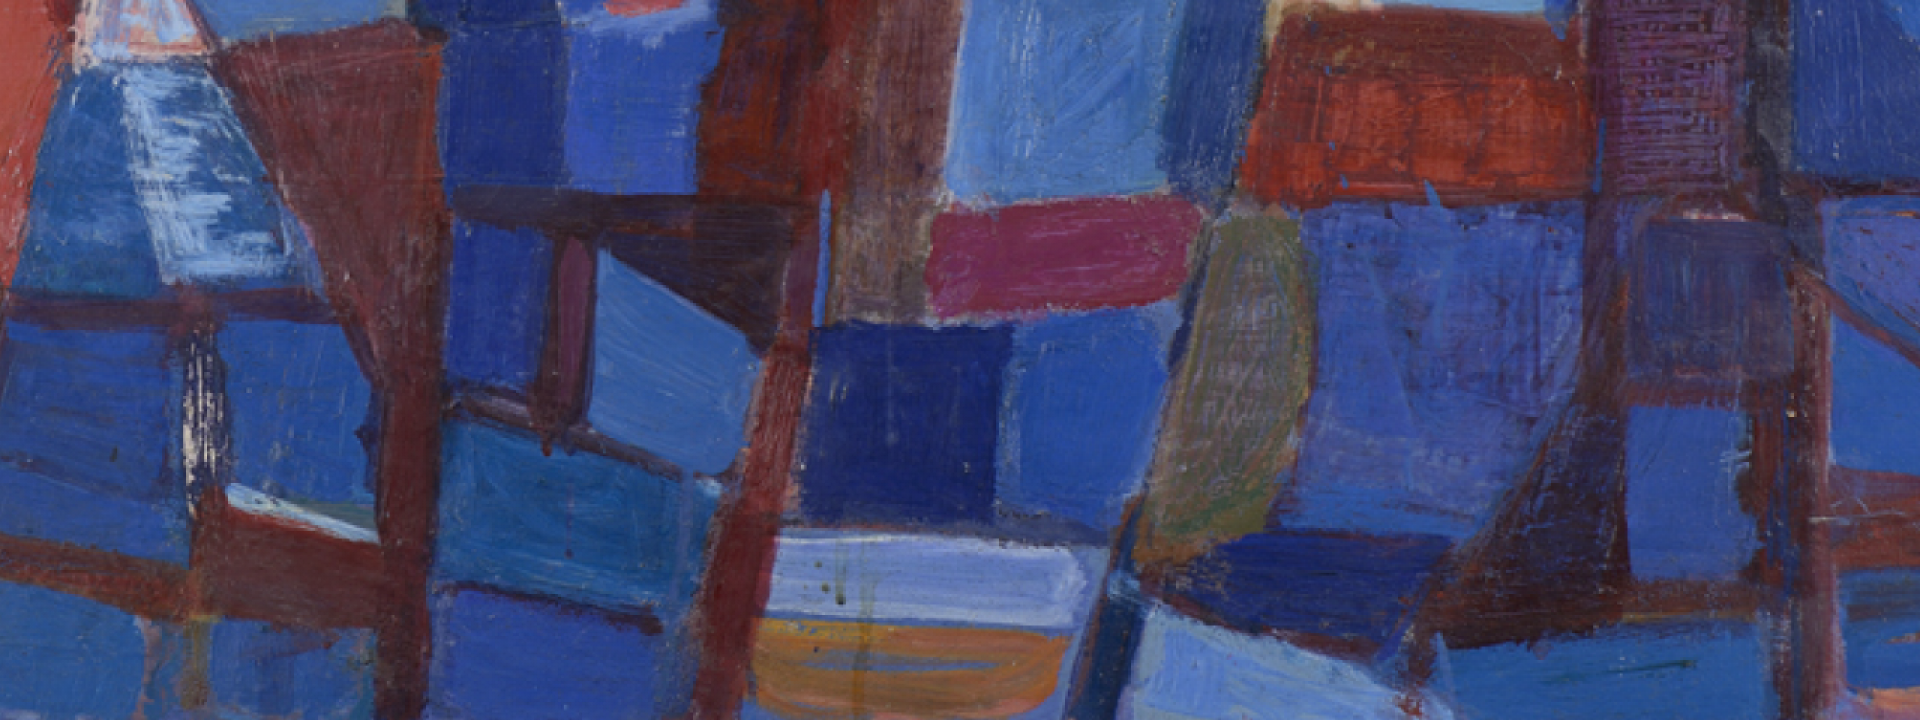 Αποκλειστικές θέσεις για τα Μέλη του ΚΠΙΣΝ: Διάλεξη: Ελένη Σταθοπούλου - Η Γεωμετρία των Χρωμάτων - Εικόνα